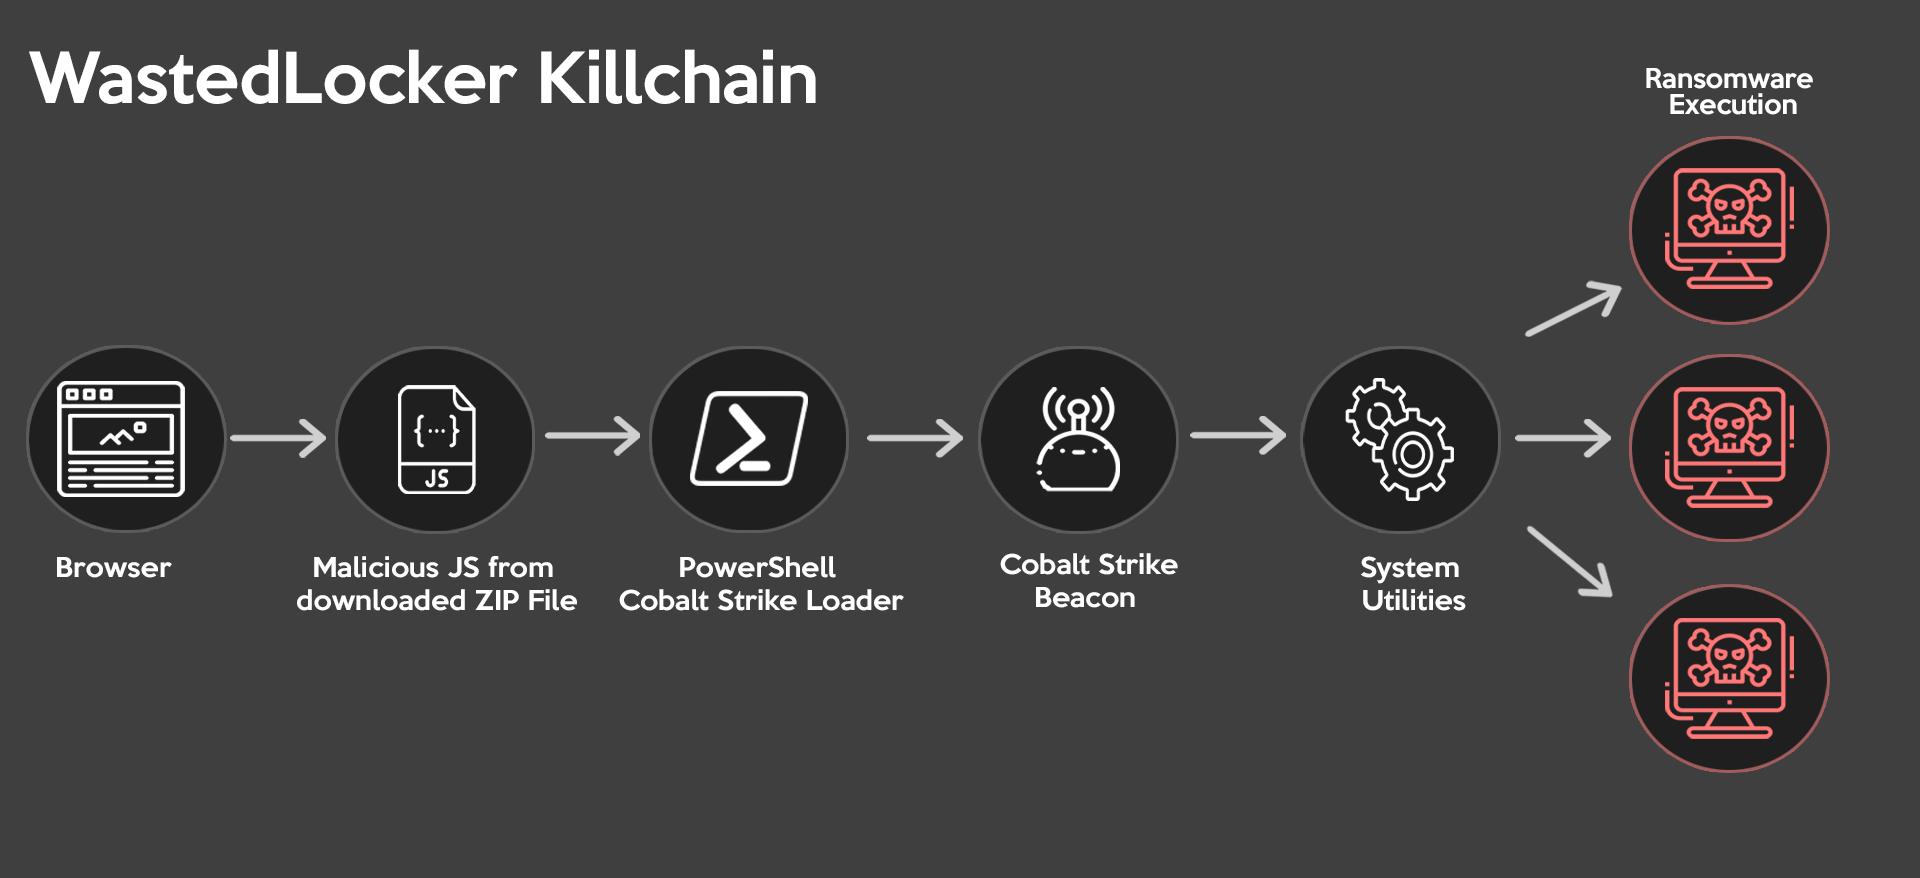 この図はWastedLockerの攻撃キルチェーンを示したもので、ブラウザから悪意のあるJS、ダウンロードされたZIPファイル、PowerShell Cobalt Strike Loader、ランサムウェアの実行のためのシステムユーティリティへと進みます。